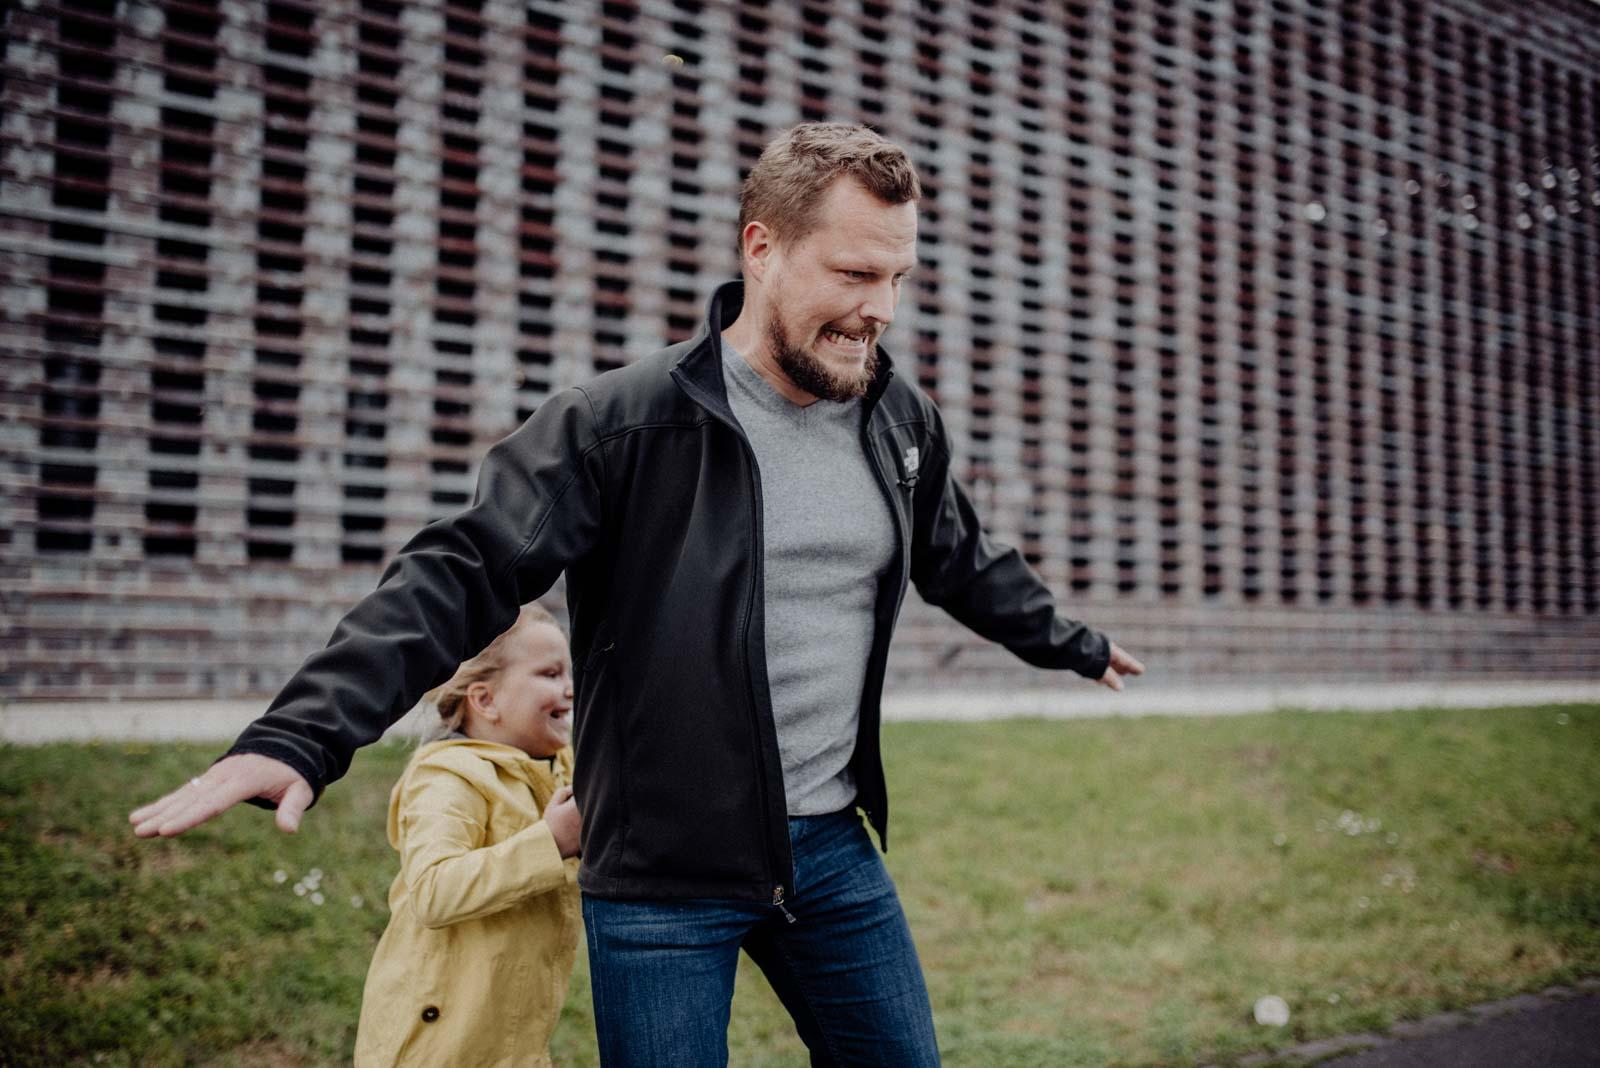 026-ungestellte-familienfotos-familienshooting-bochum-industrie-jahrhunderthalle